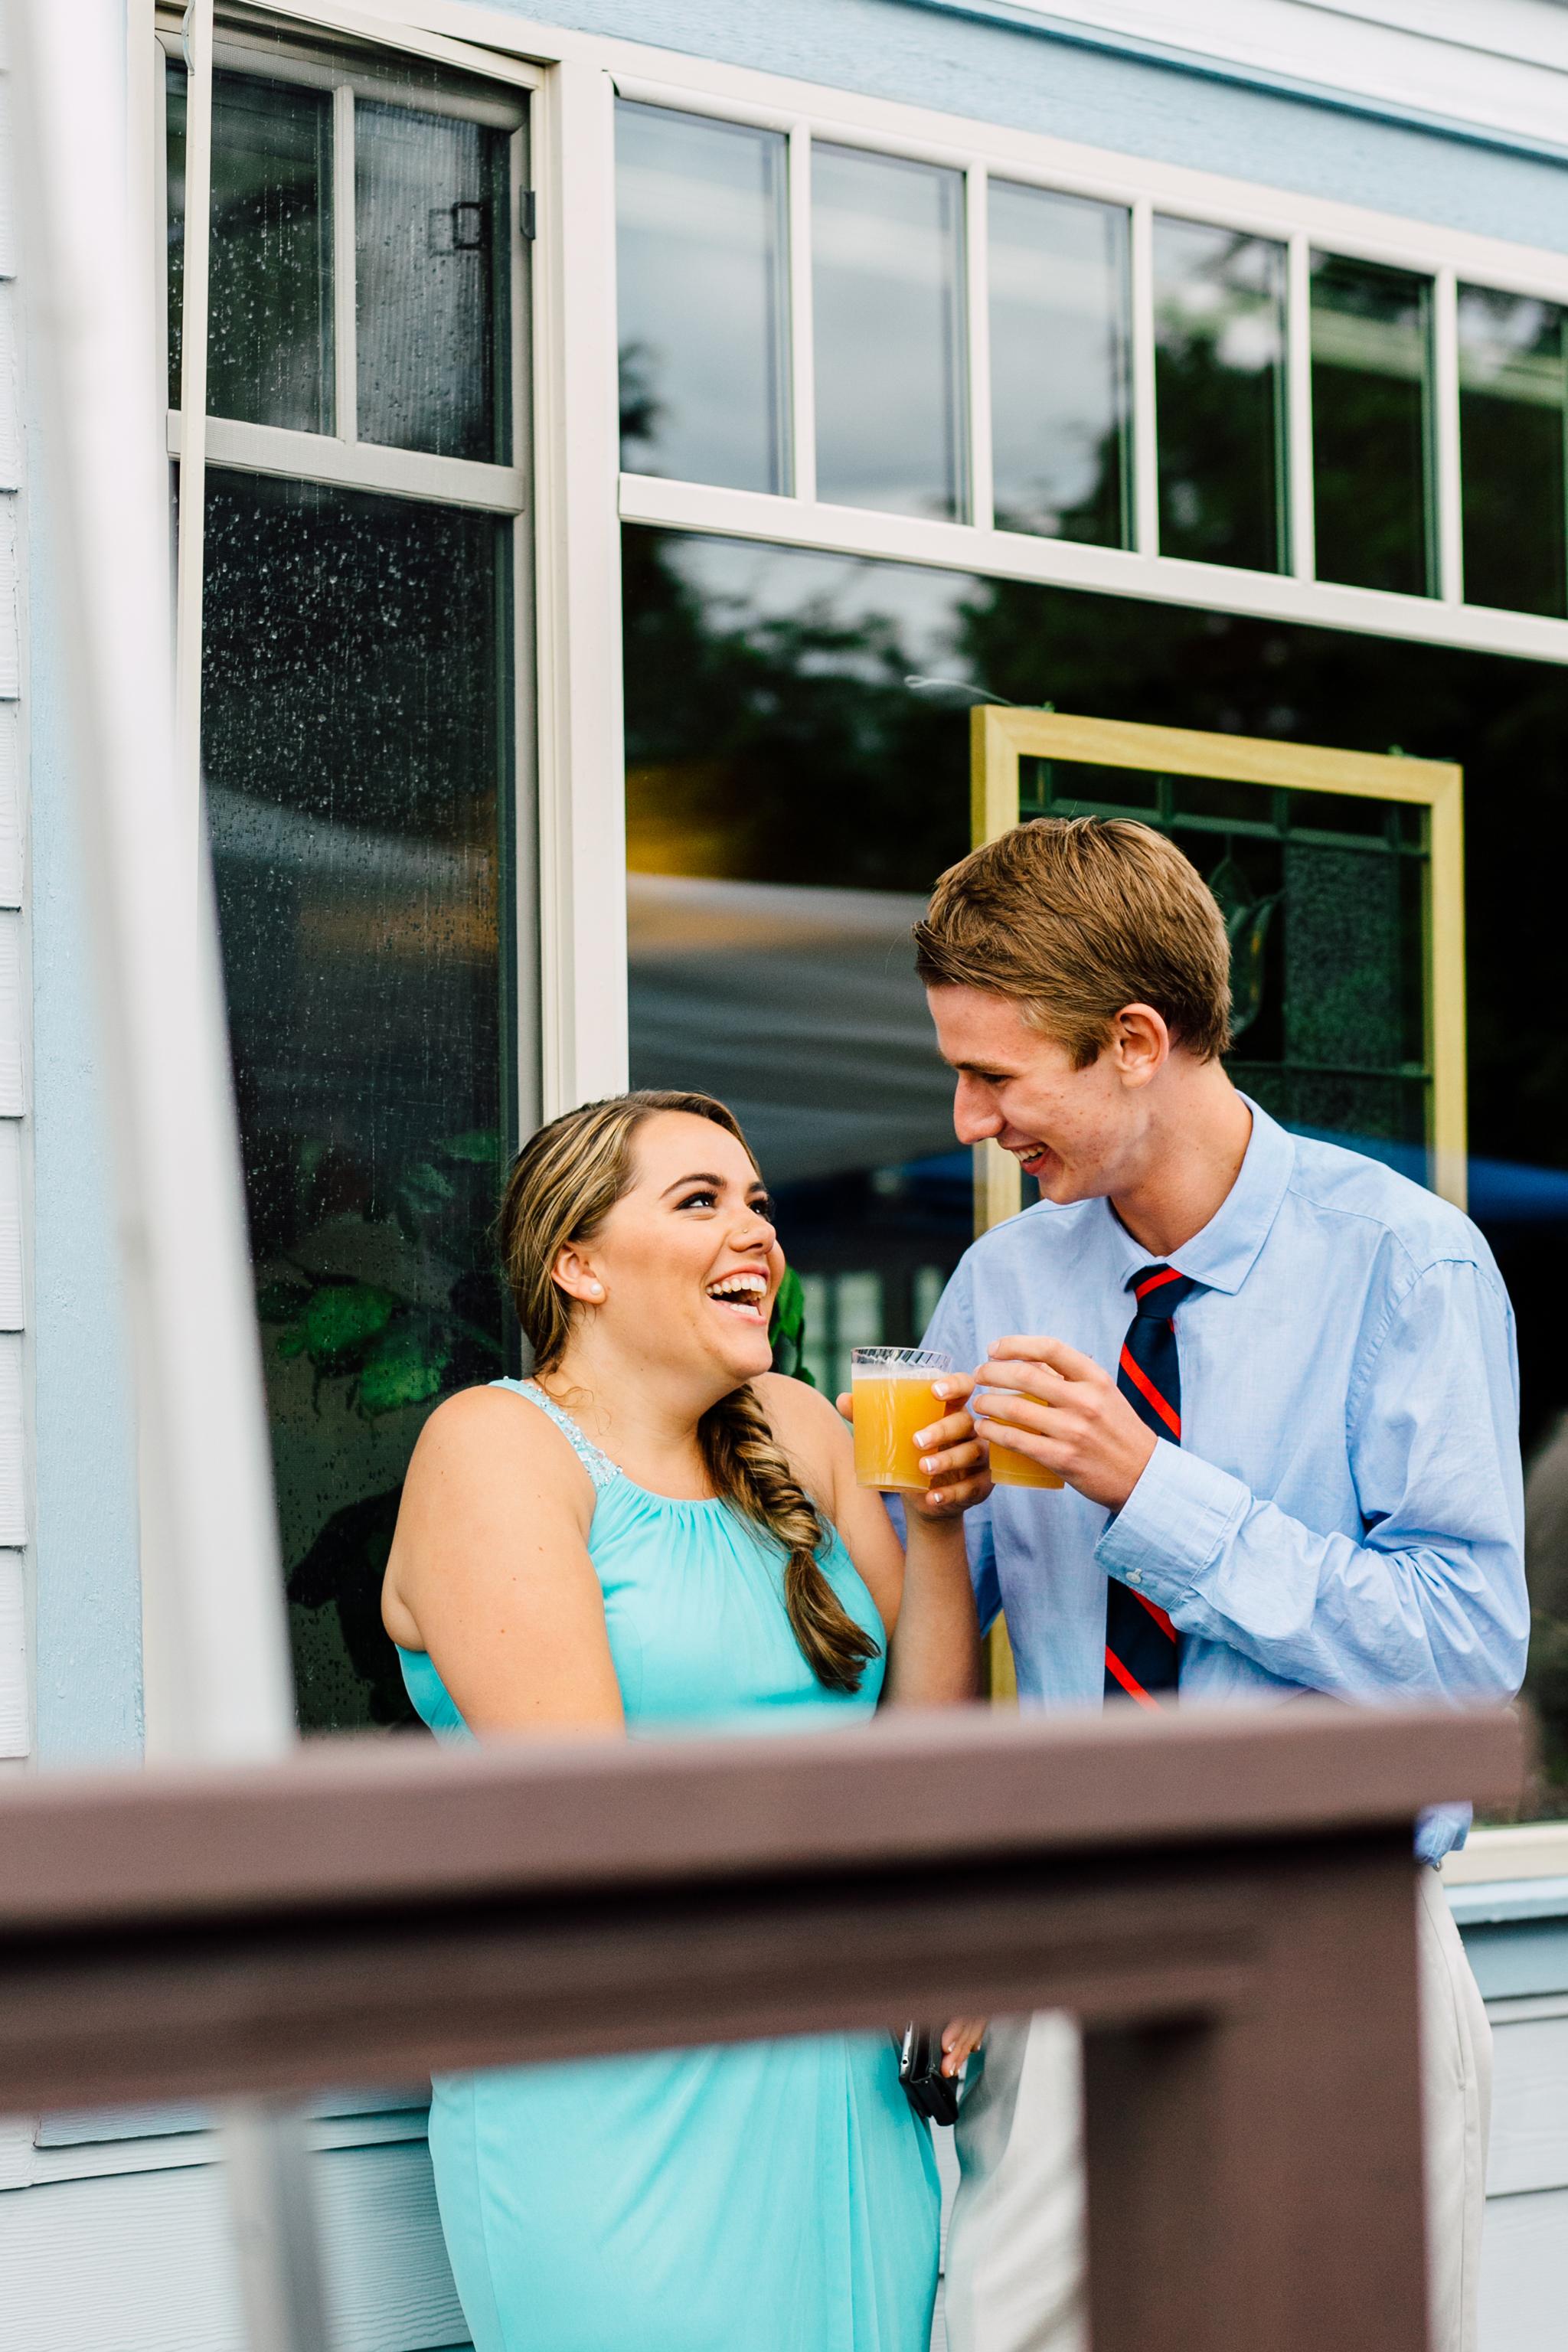 071-bellingham-wedding-photographer-beach-katheryn-moran-elisa-phillip.jpg